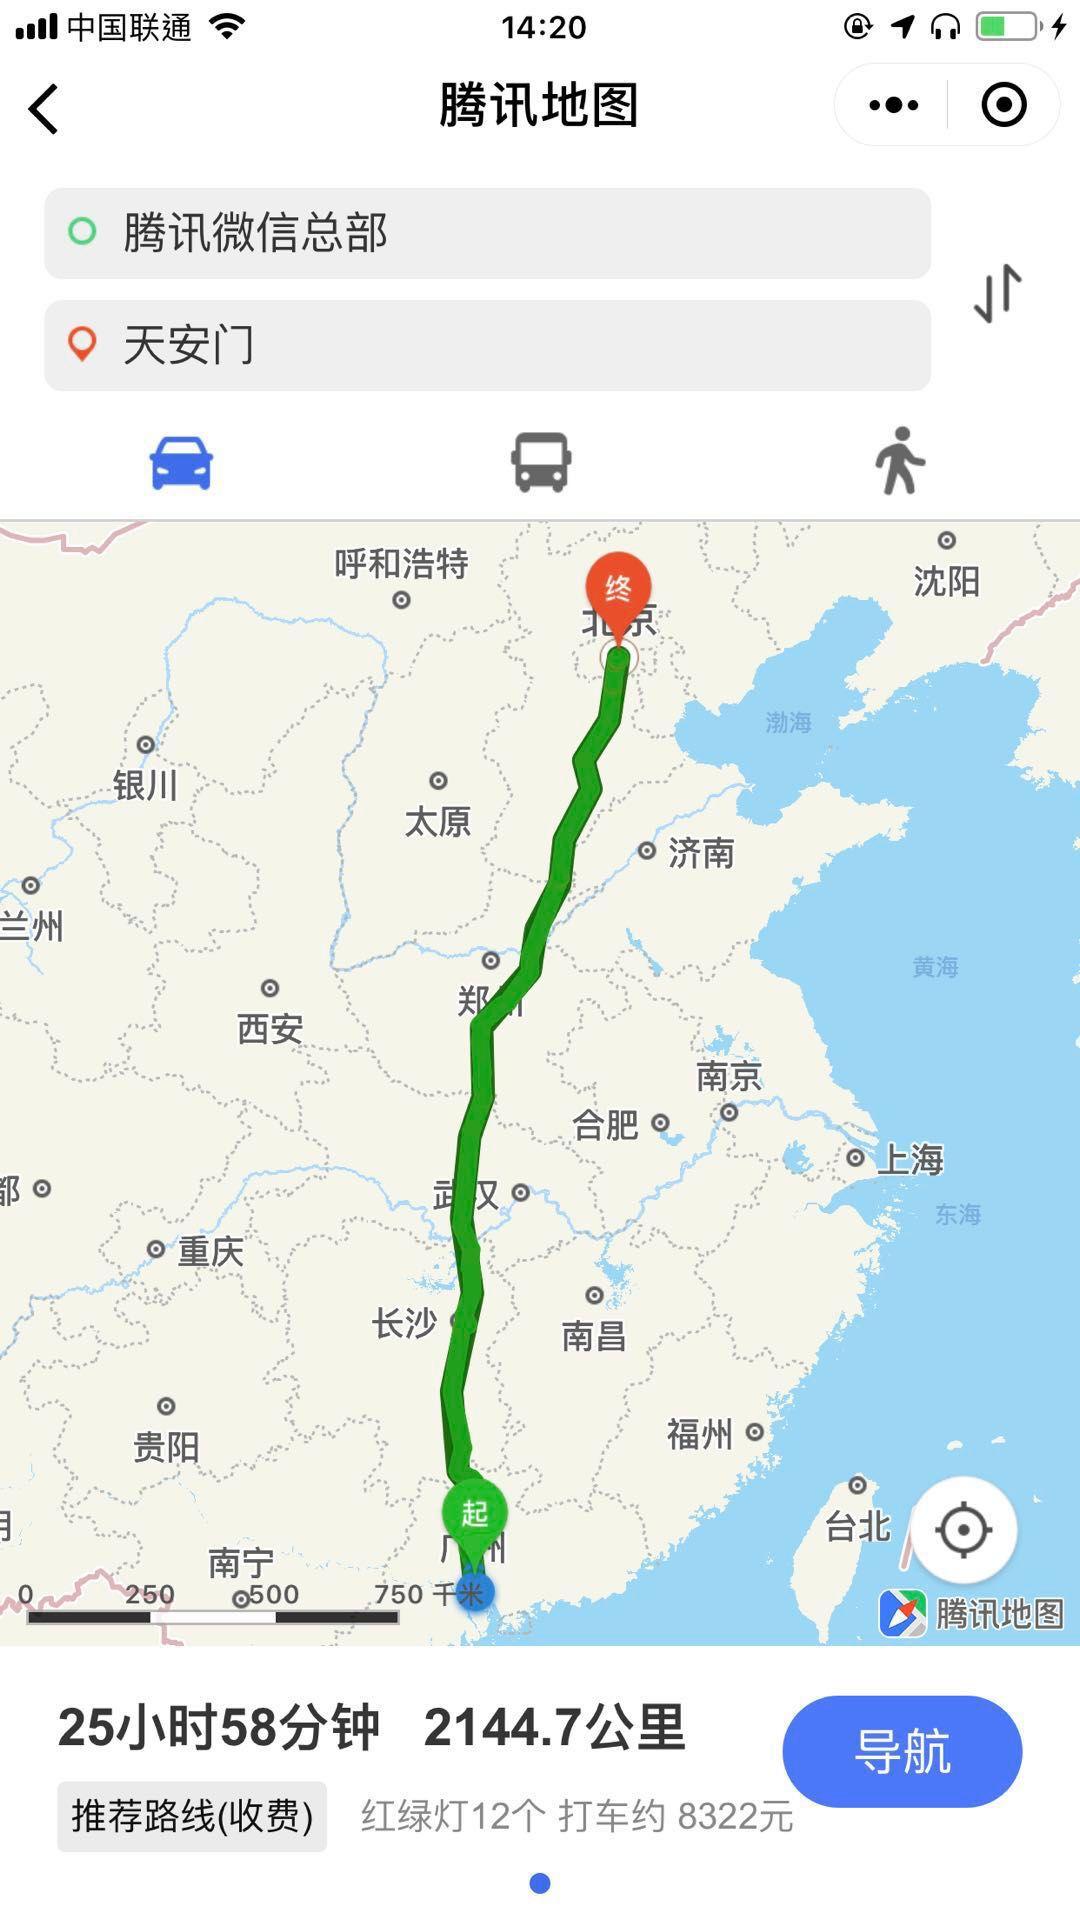 「腾讯地图」小程